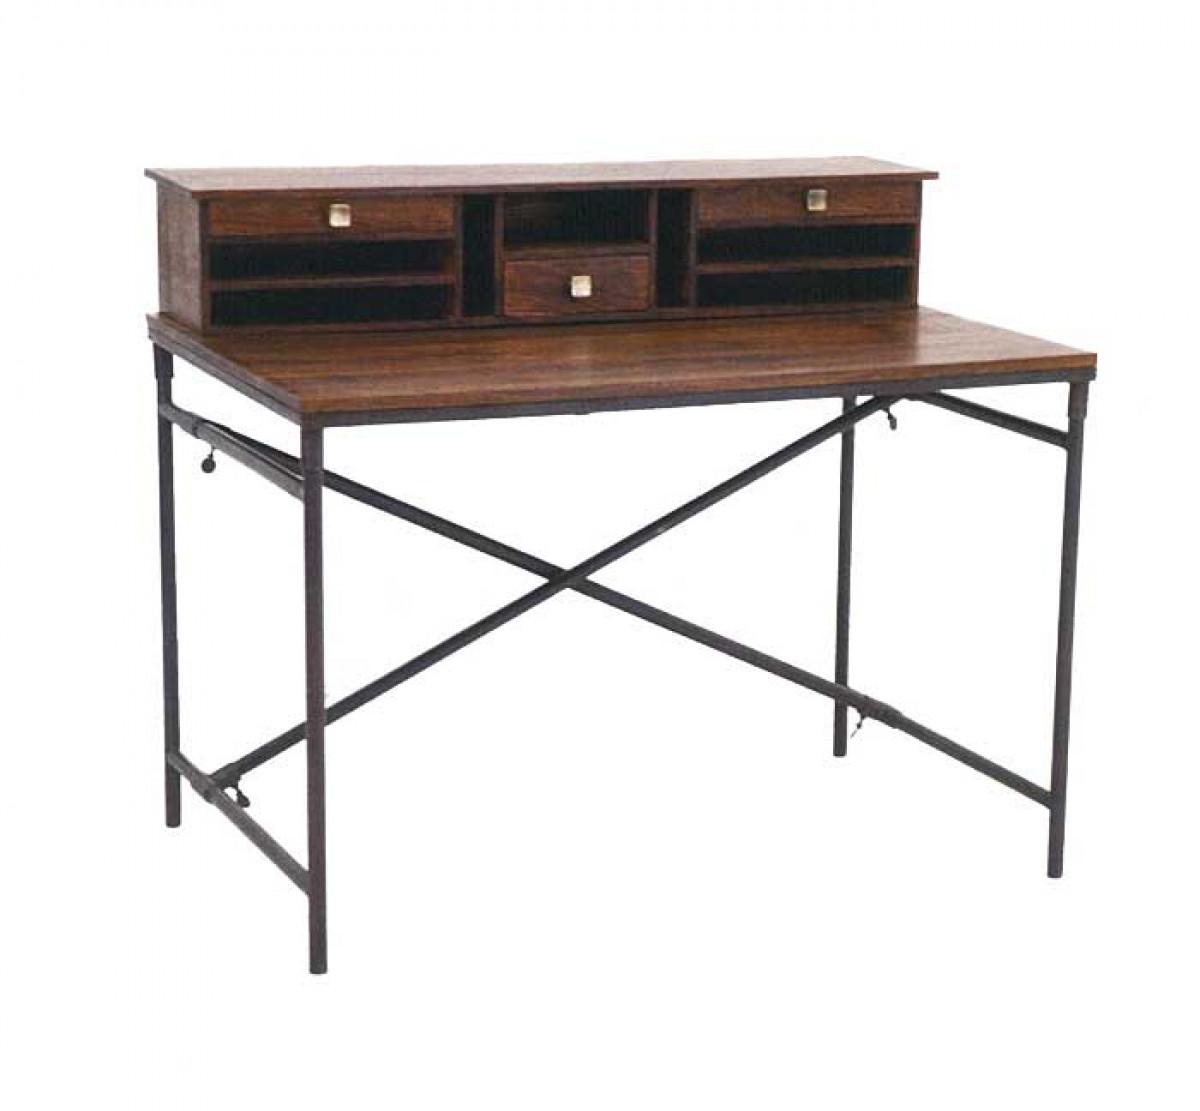 Bureau Metallique Industriel Vintage crispy, secretaire vintage, bois et métal